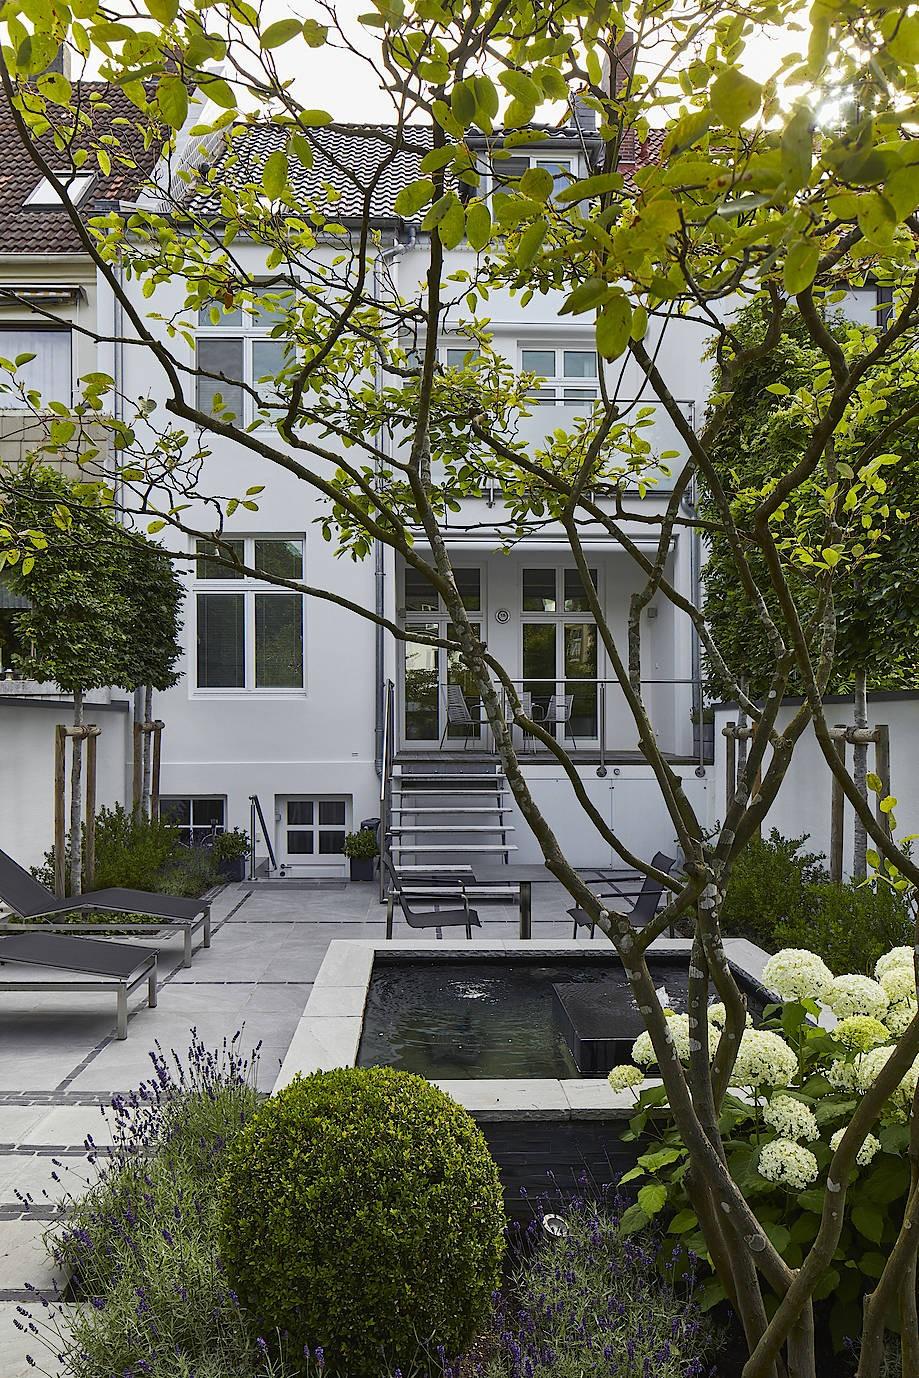 Landschaftsarchitektin Karin Schelcher hat den Garten eines Reihenhauses in Wilhelmshaven gestaltet.